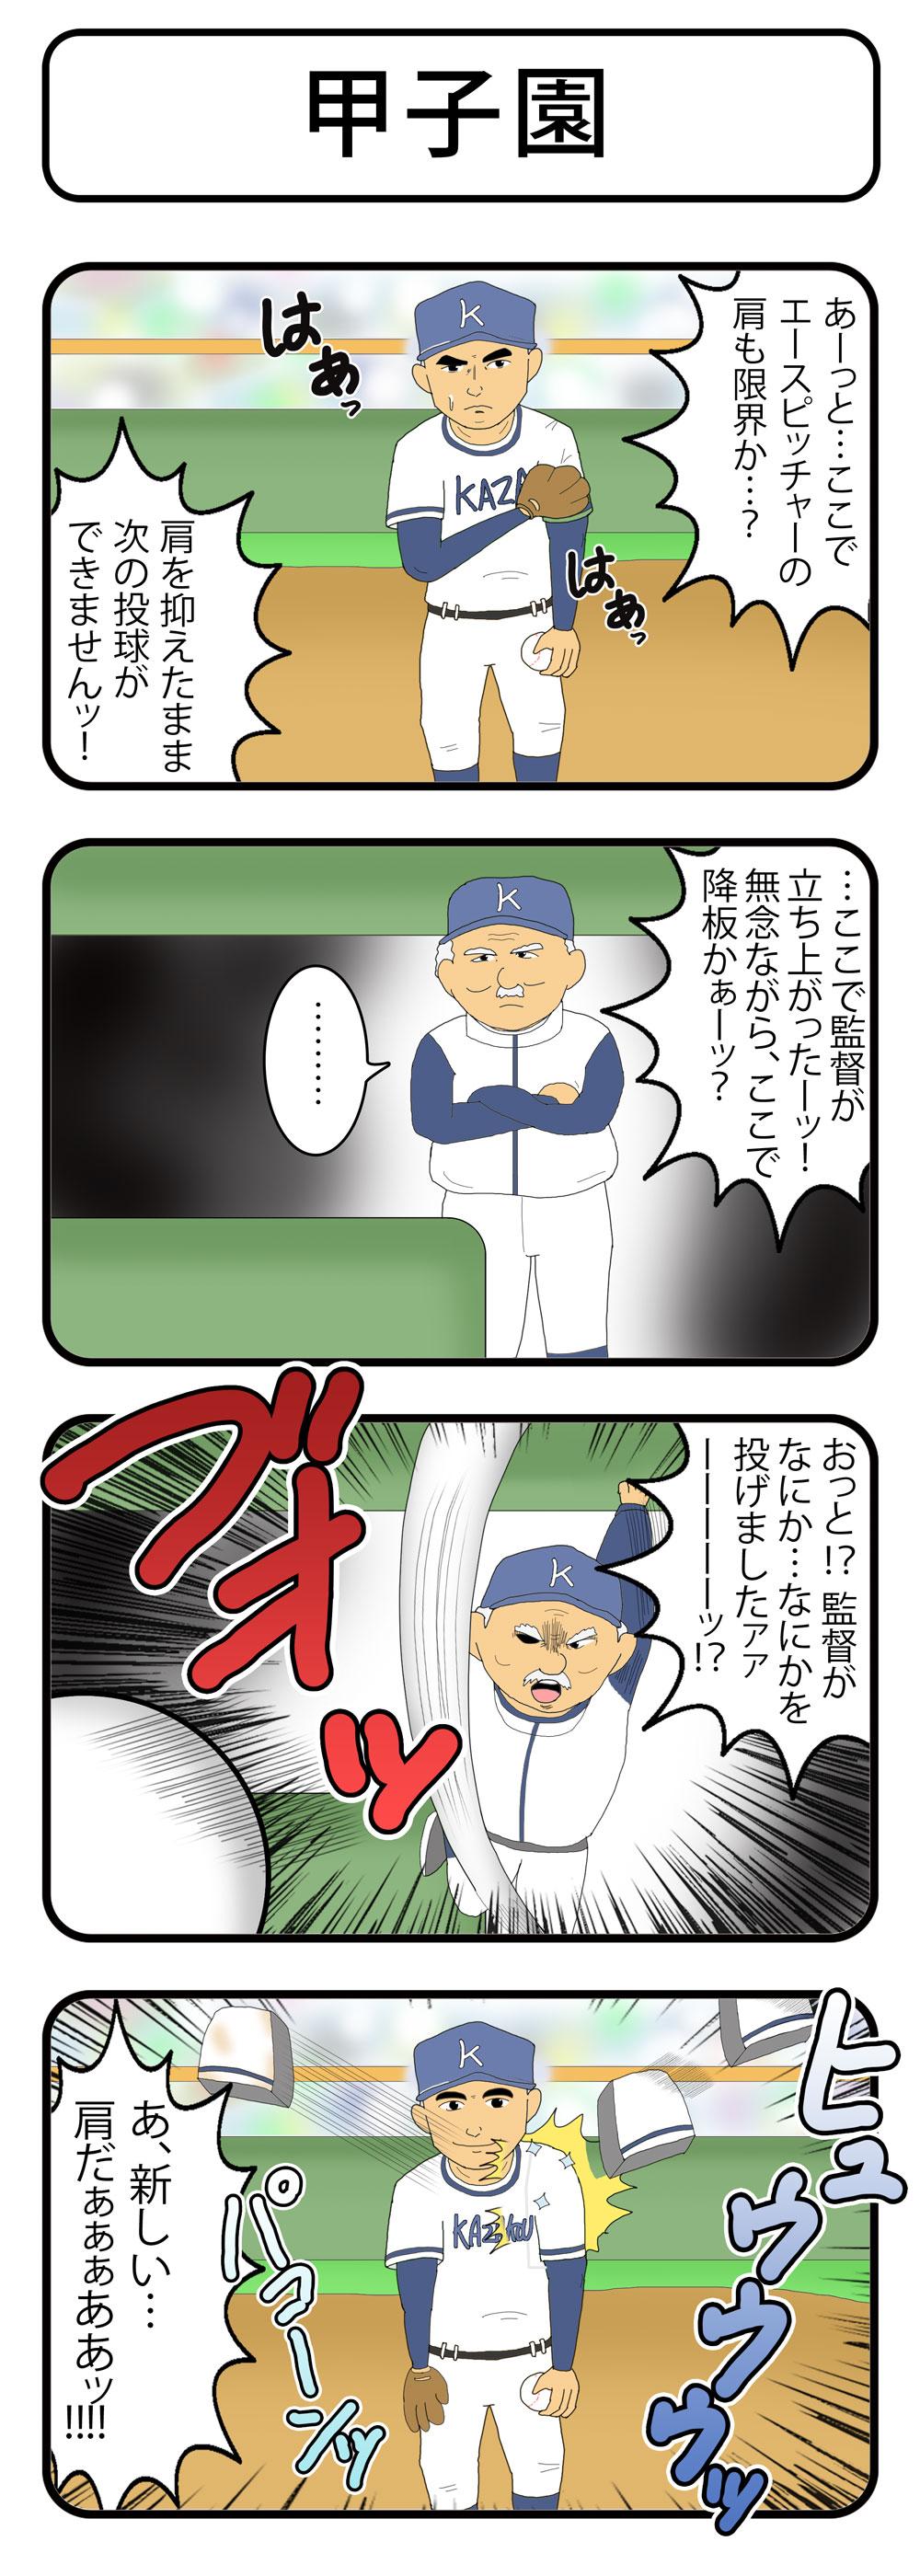 甲子園③c4